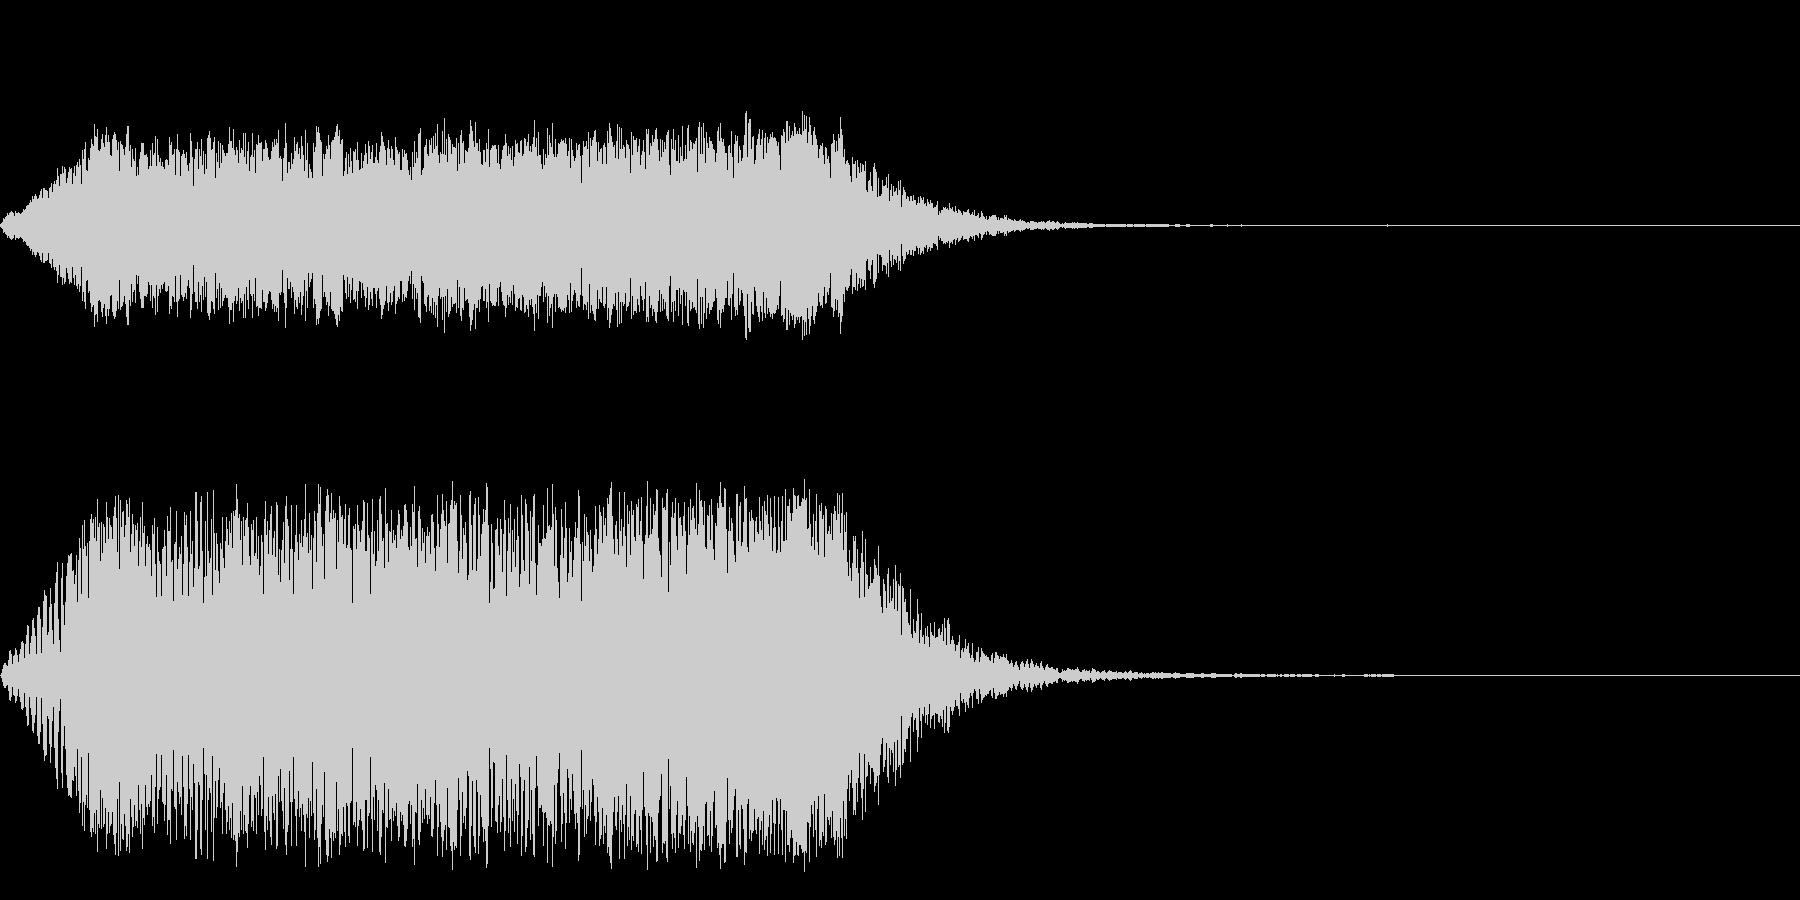 ホラー音(風)の未再生の波形